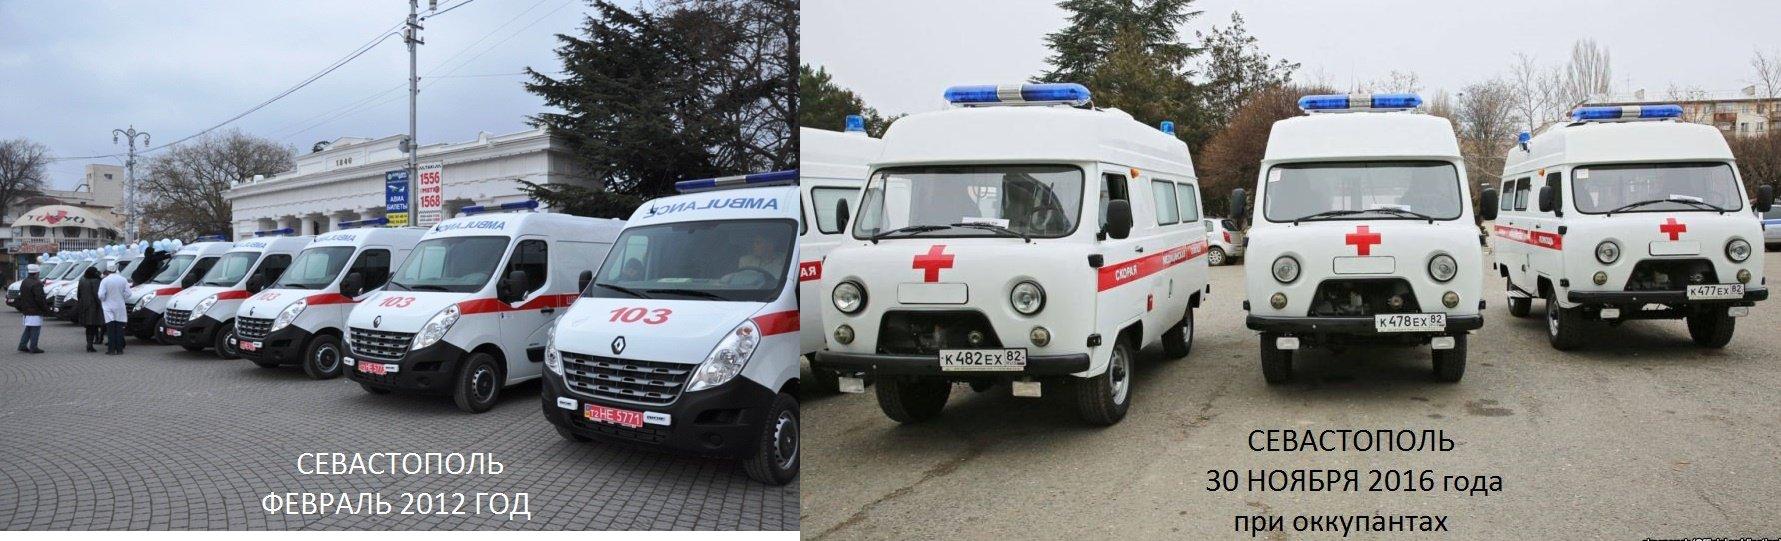 Российские пограничники заявили о задержании двух украинских военных в Ростовской области - Цензор.НЕТ 1379